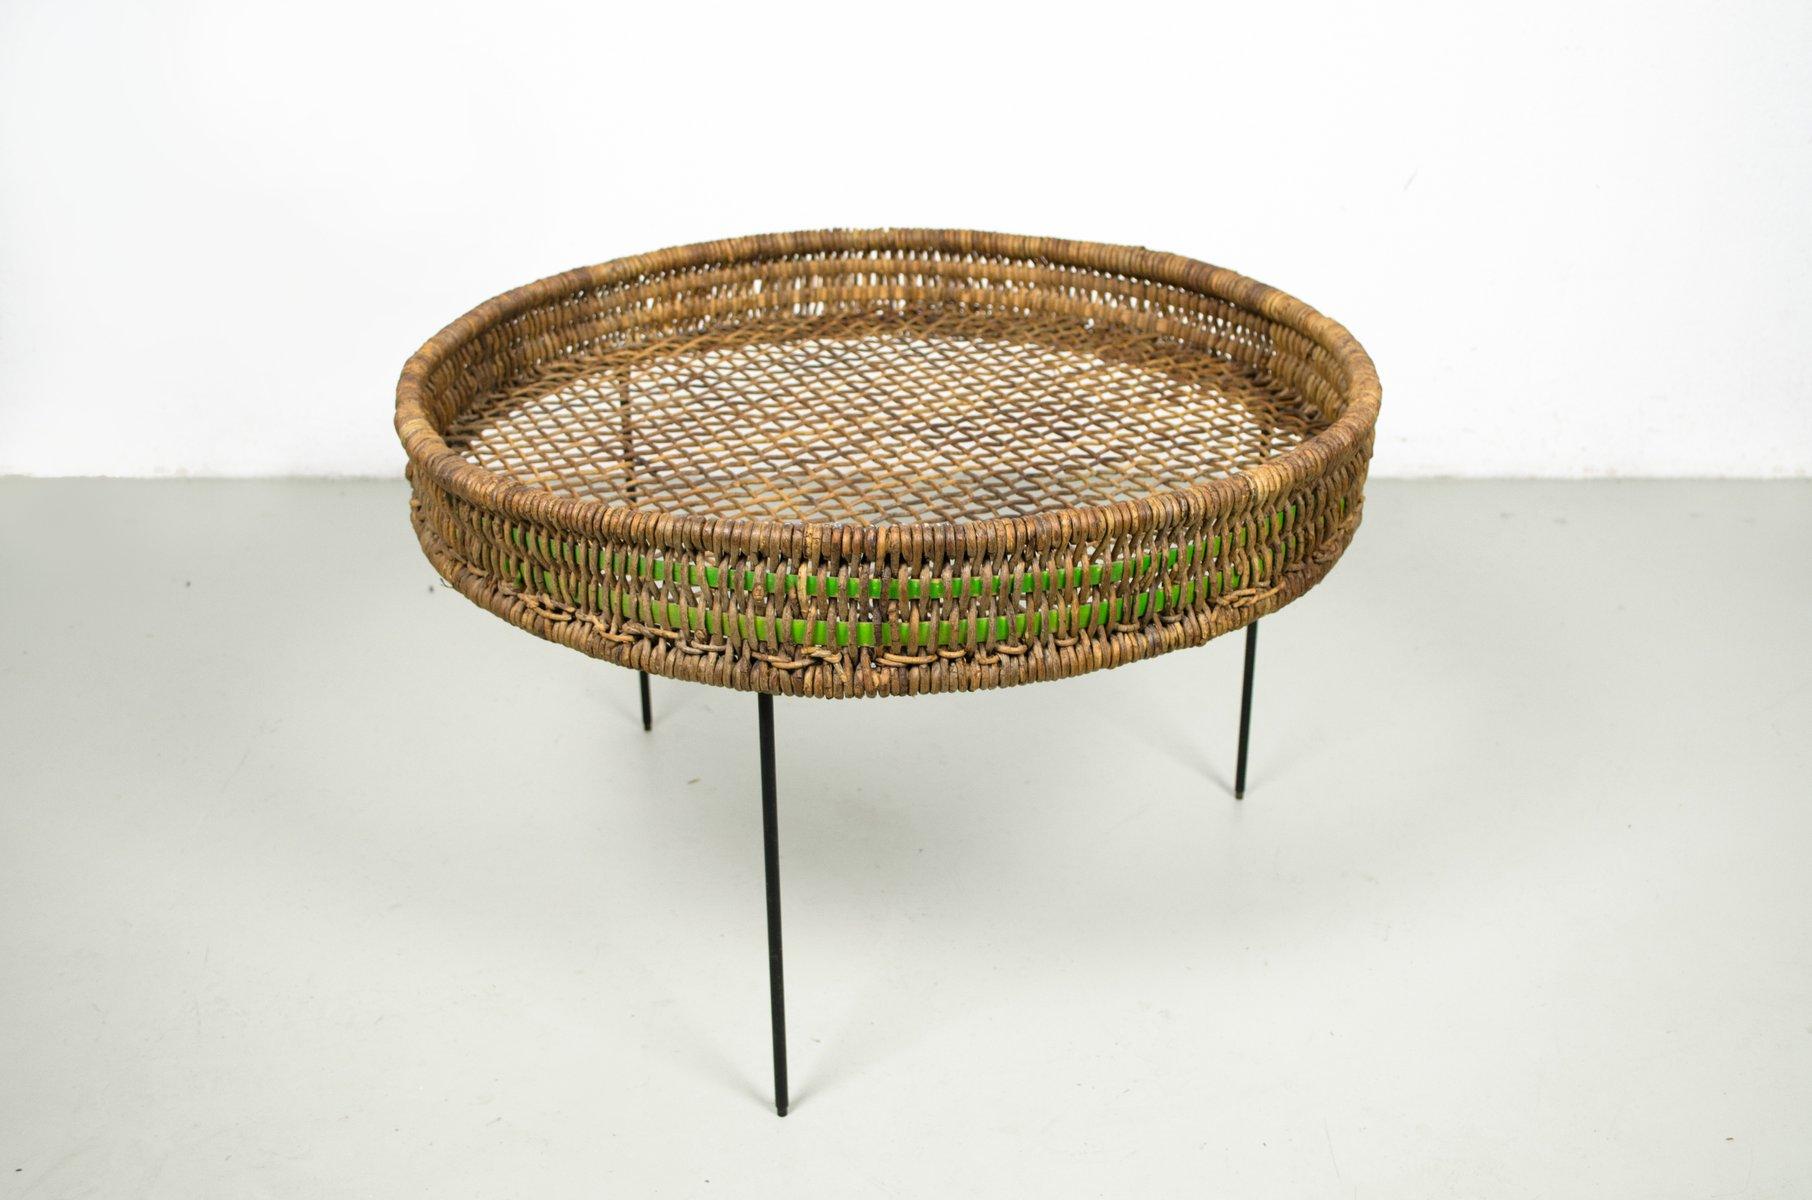 runder beistelltisch aus rattan mit beinen aus metalldraht 1950er bei pamono kaufen. Black Bedroom Furniture Sets. Home Design Ideas